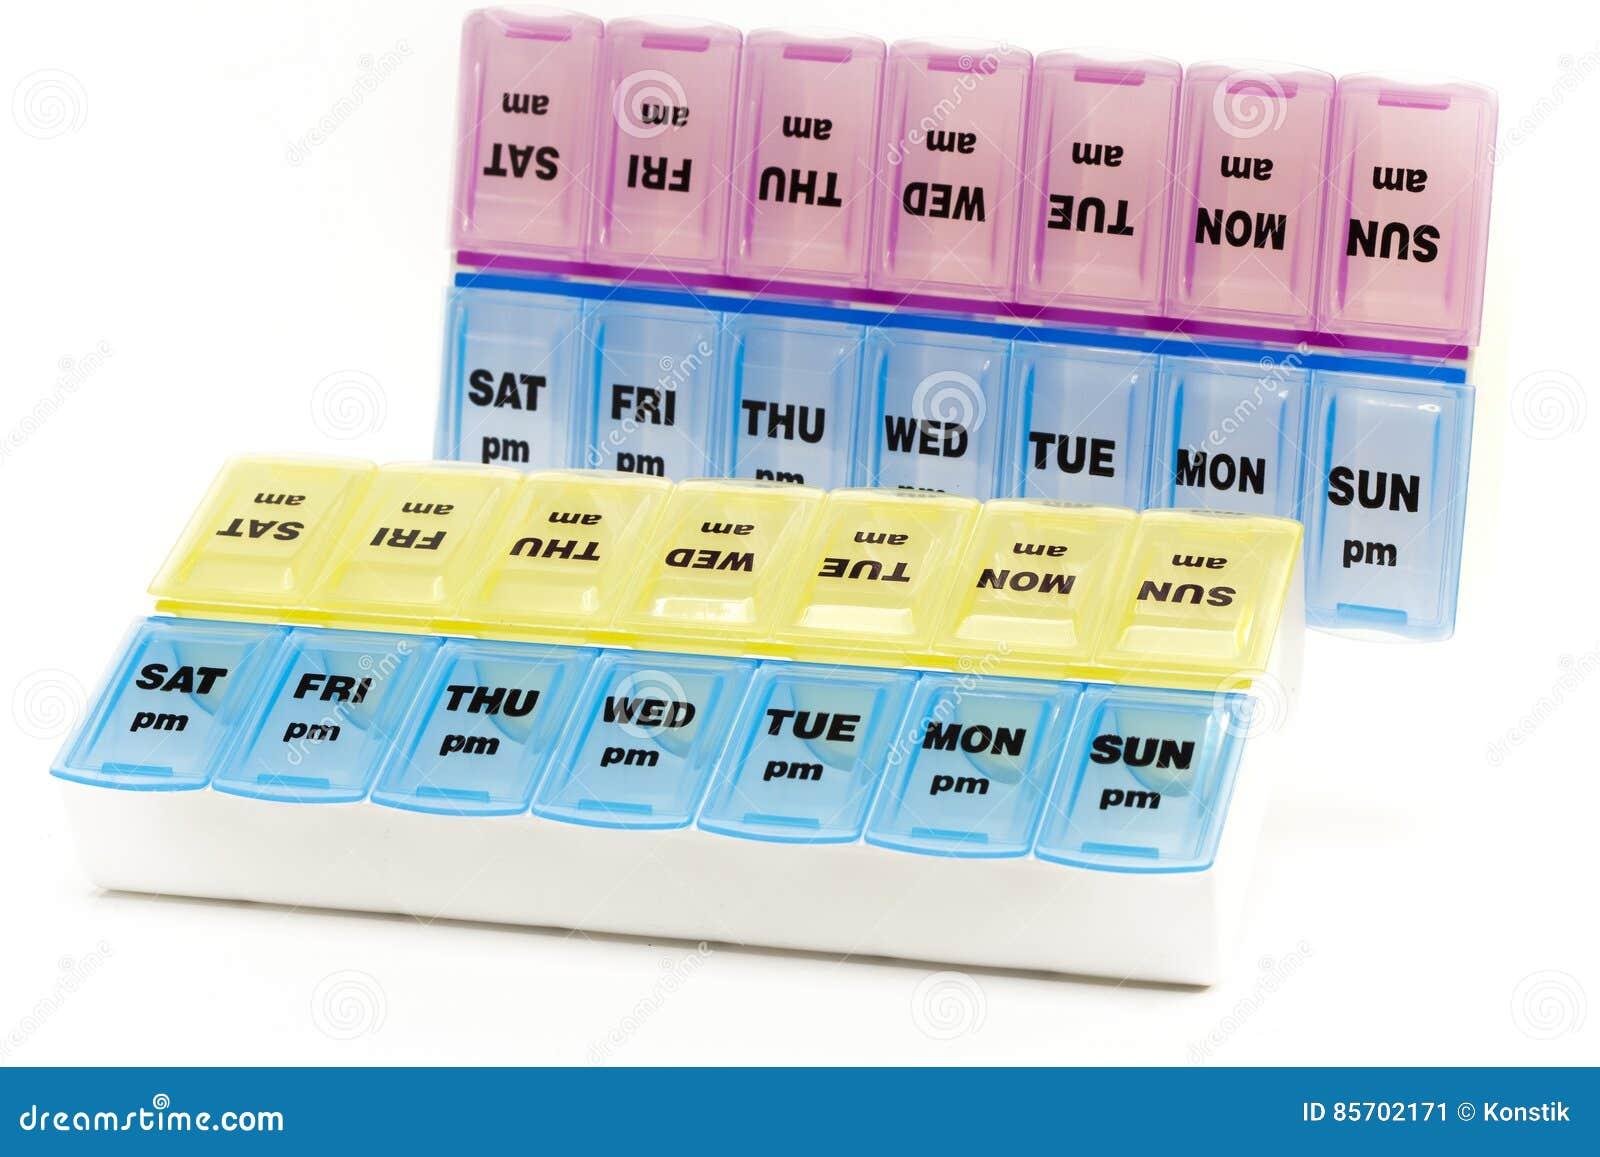 Caixa para o armazenamento das drogas, com inscrição em dias da semana